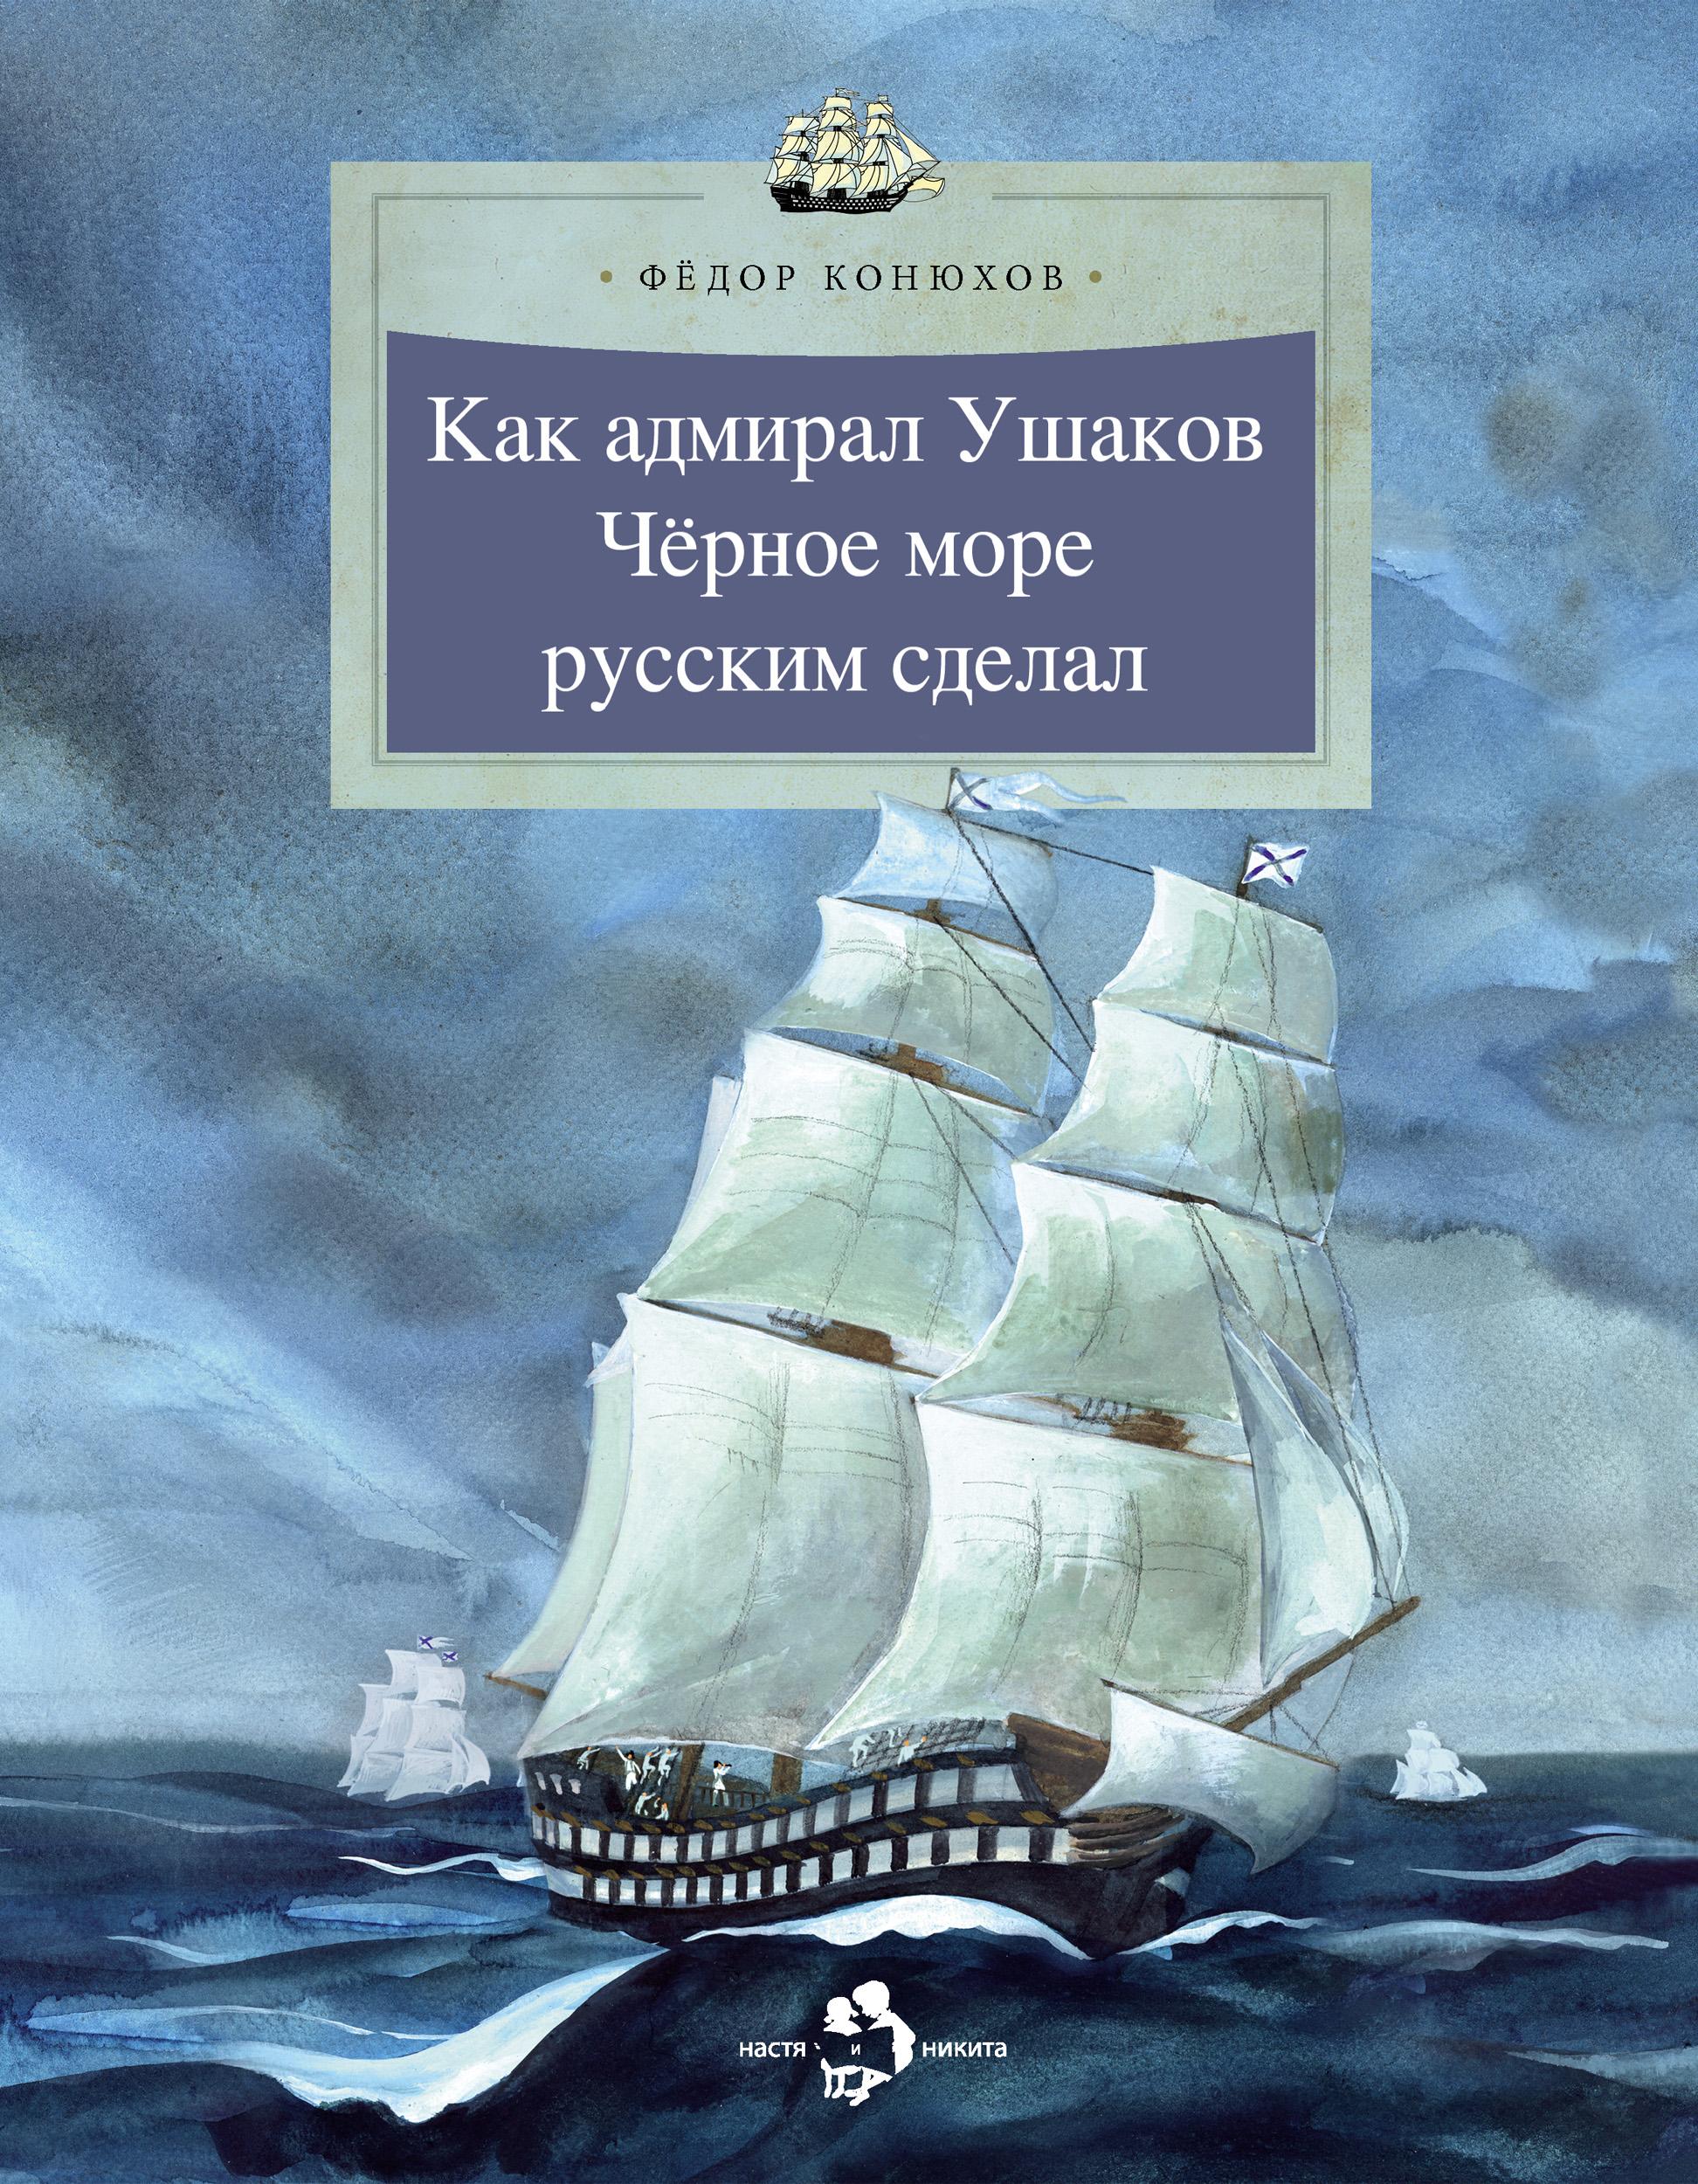 Федор Конюхов Как адмирал Ушаков Черное море русским сделал л и раковский адмирал ушаков